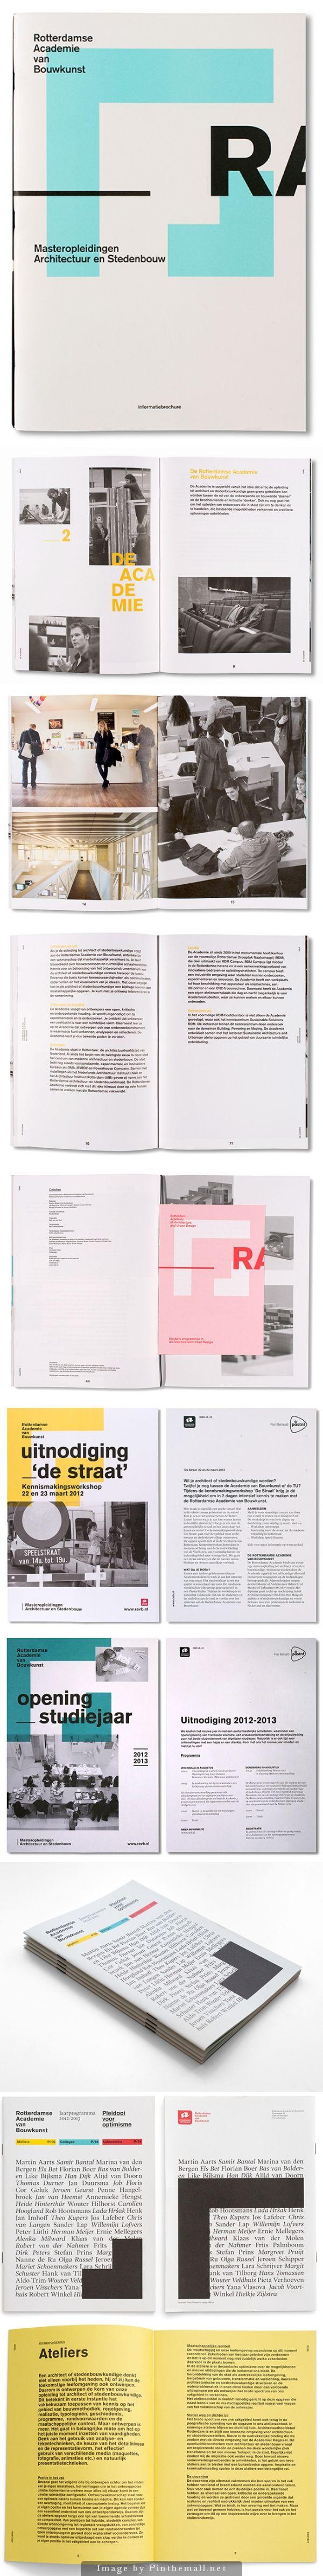 ROTTERDAM ACADEMY OF ARCHITECTURE | STUDIO BEIGE